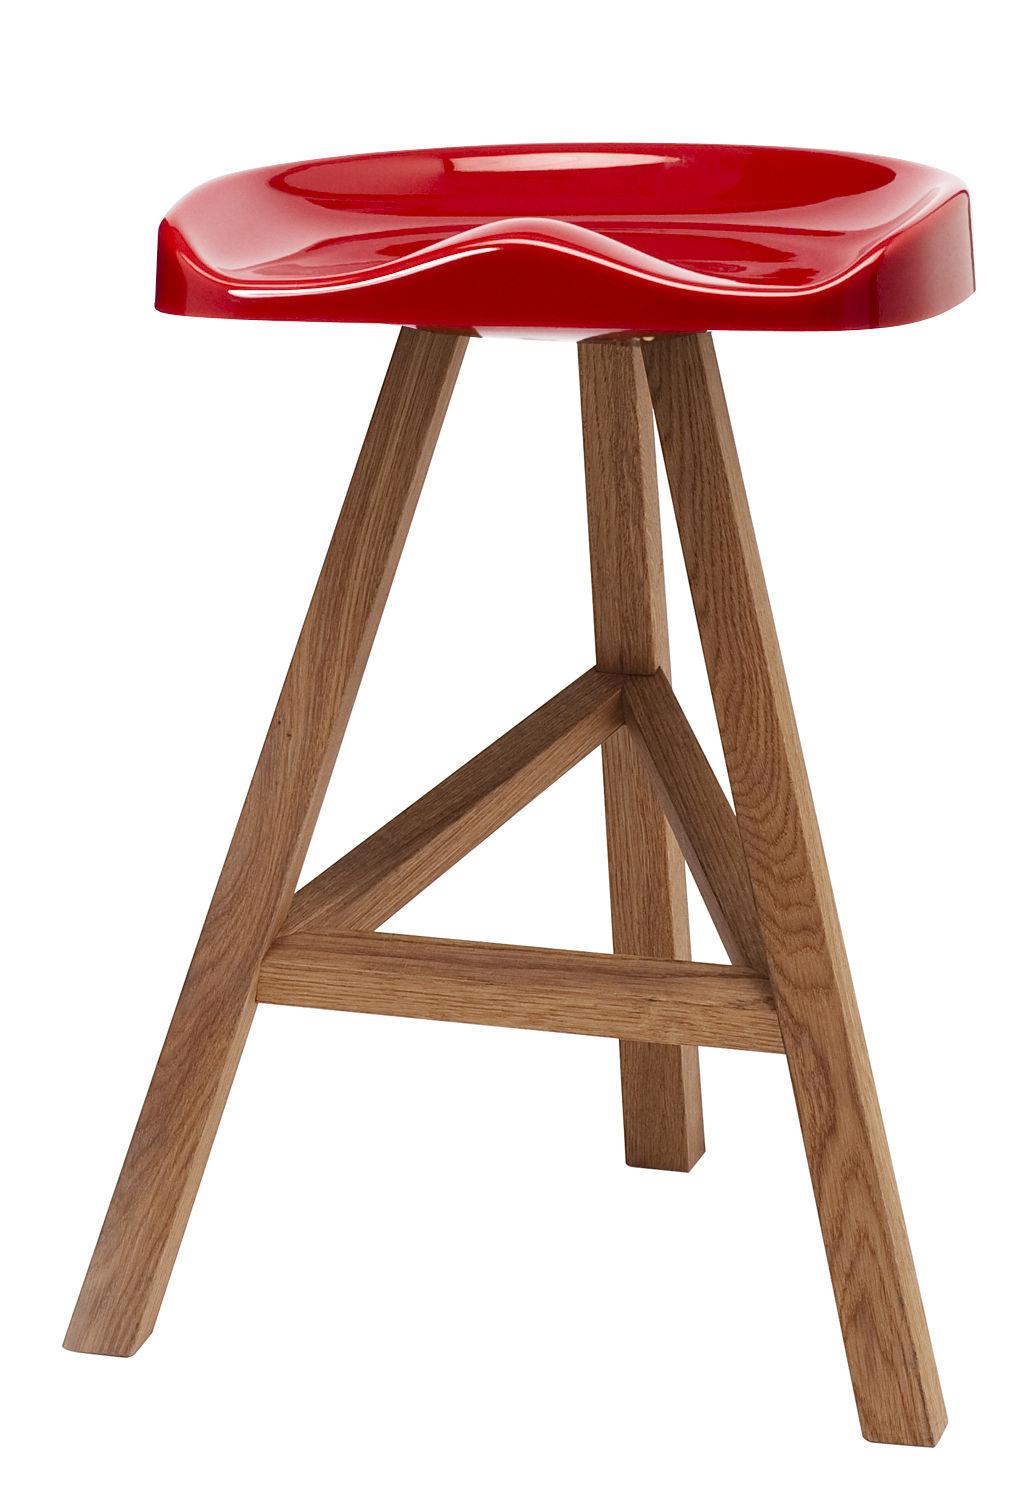 Arredamento - Sgabelli da bar  - Sgabello bar Heidi - H 65 cm di Established & Sons - Rosso - Poliuretano, Rovere oliato